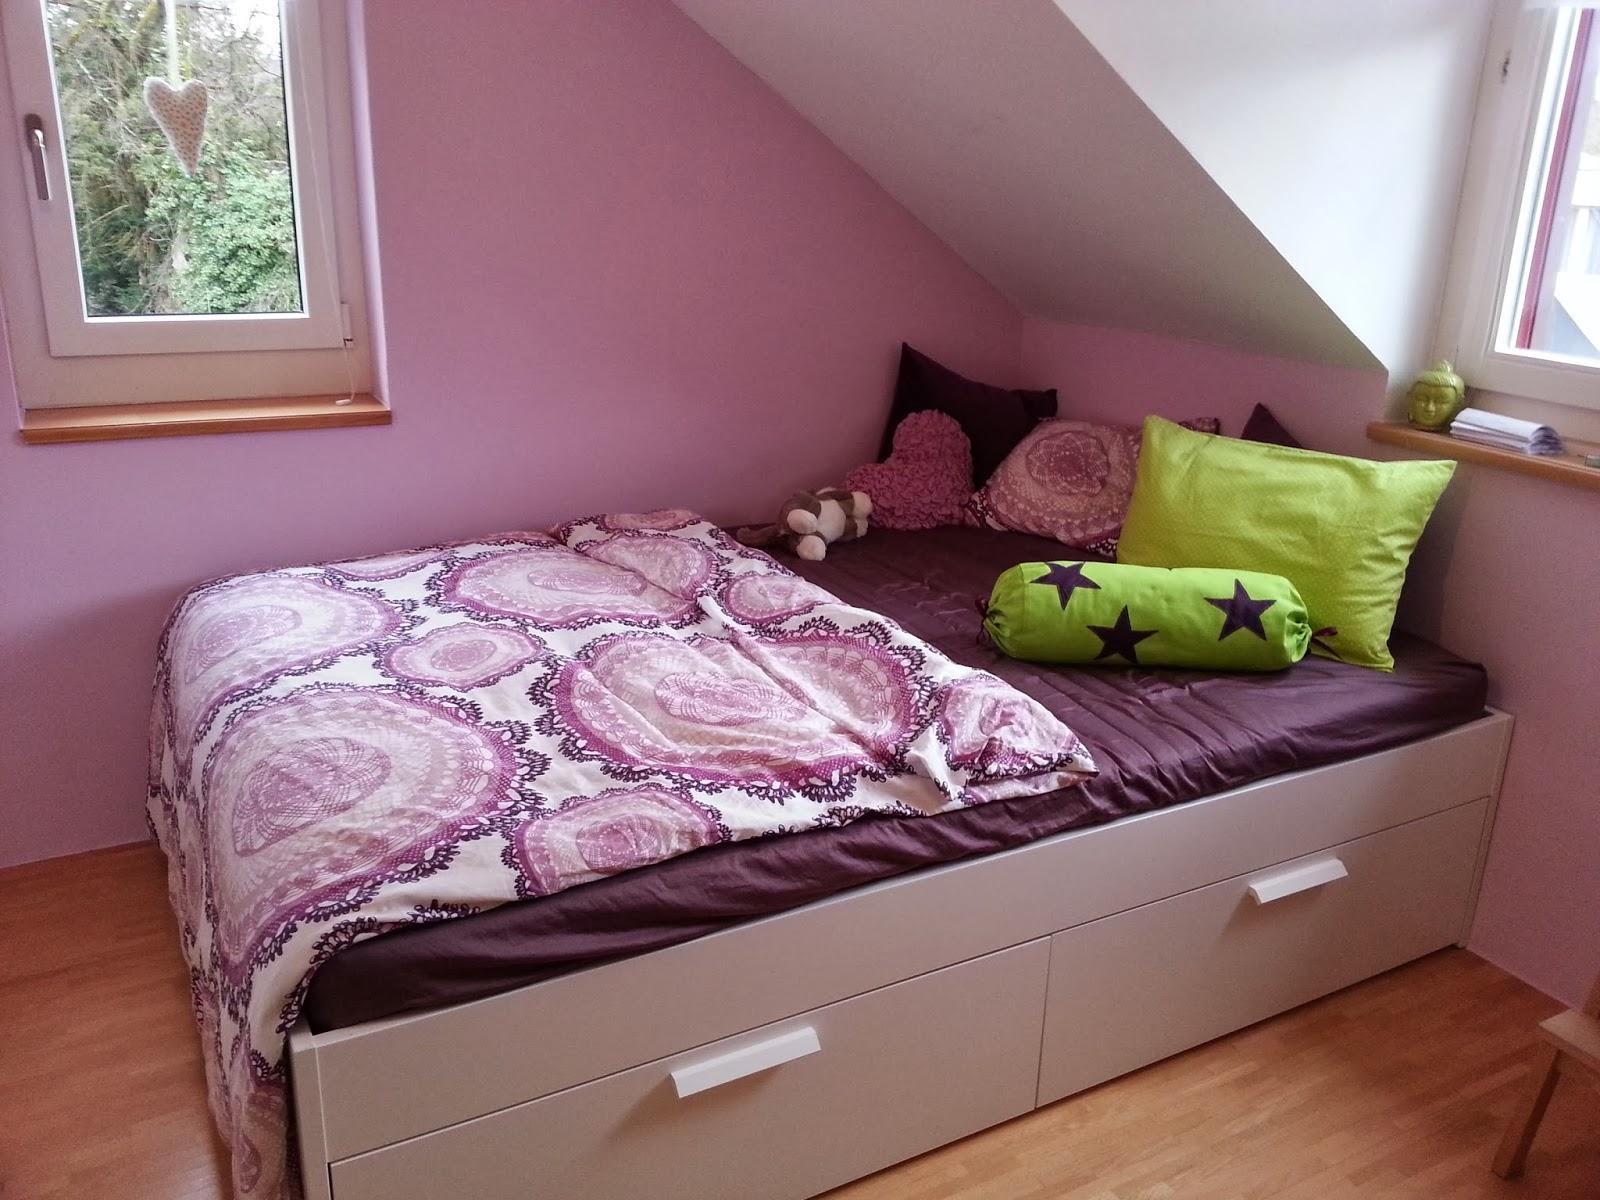 ikea bettwasche grun punkte verschiedene. Black Bedroom Furniture Sets. Home Design Ideas